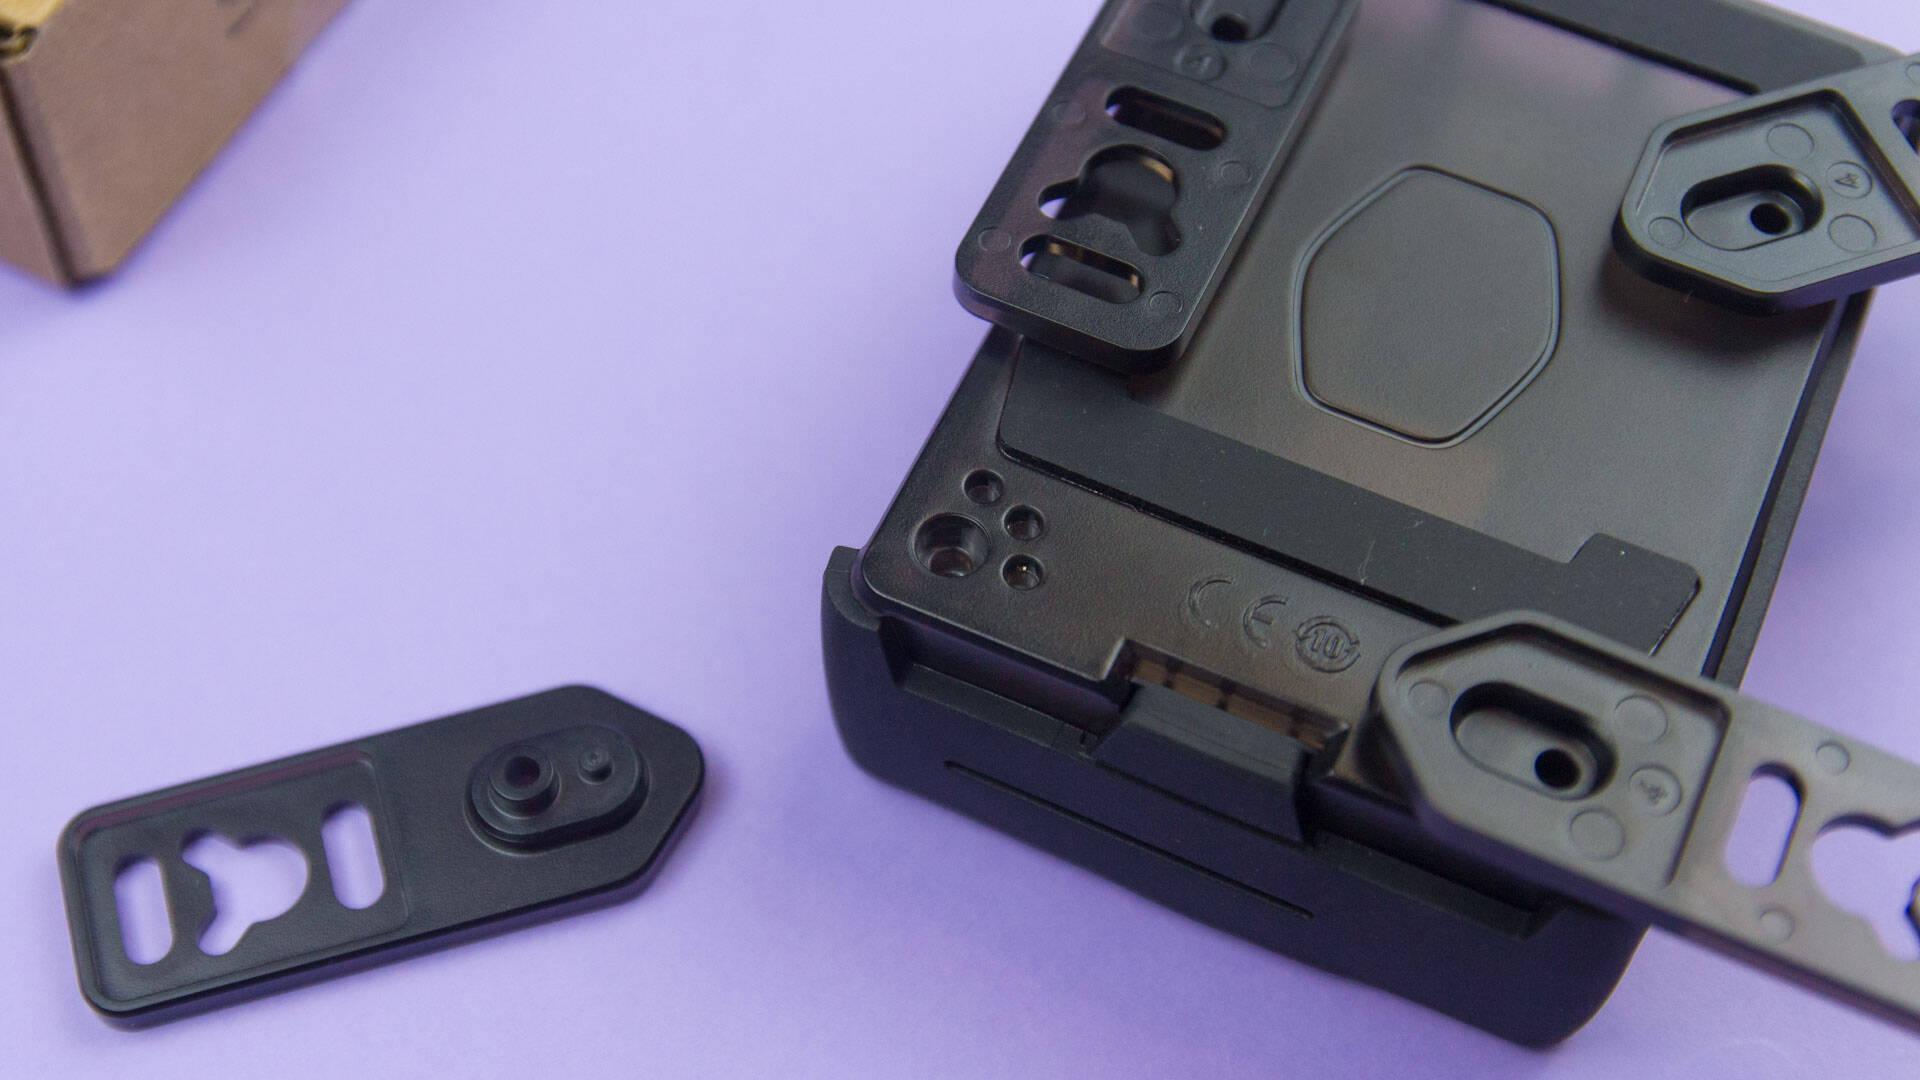 Cooler Master - Pi Case 40